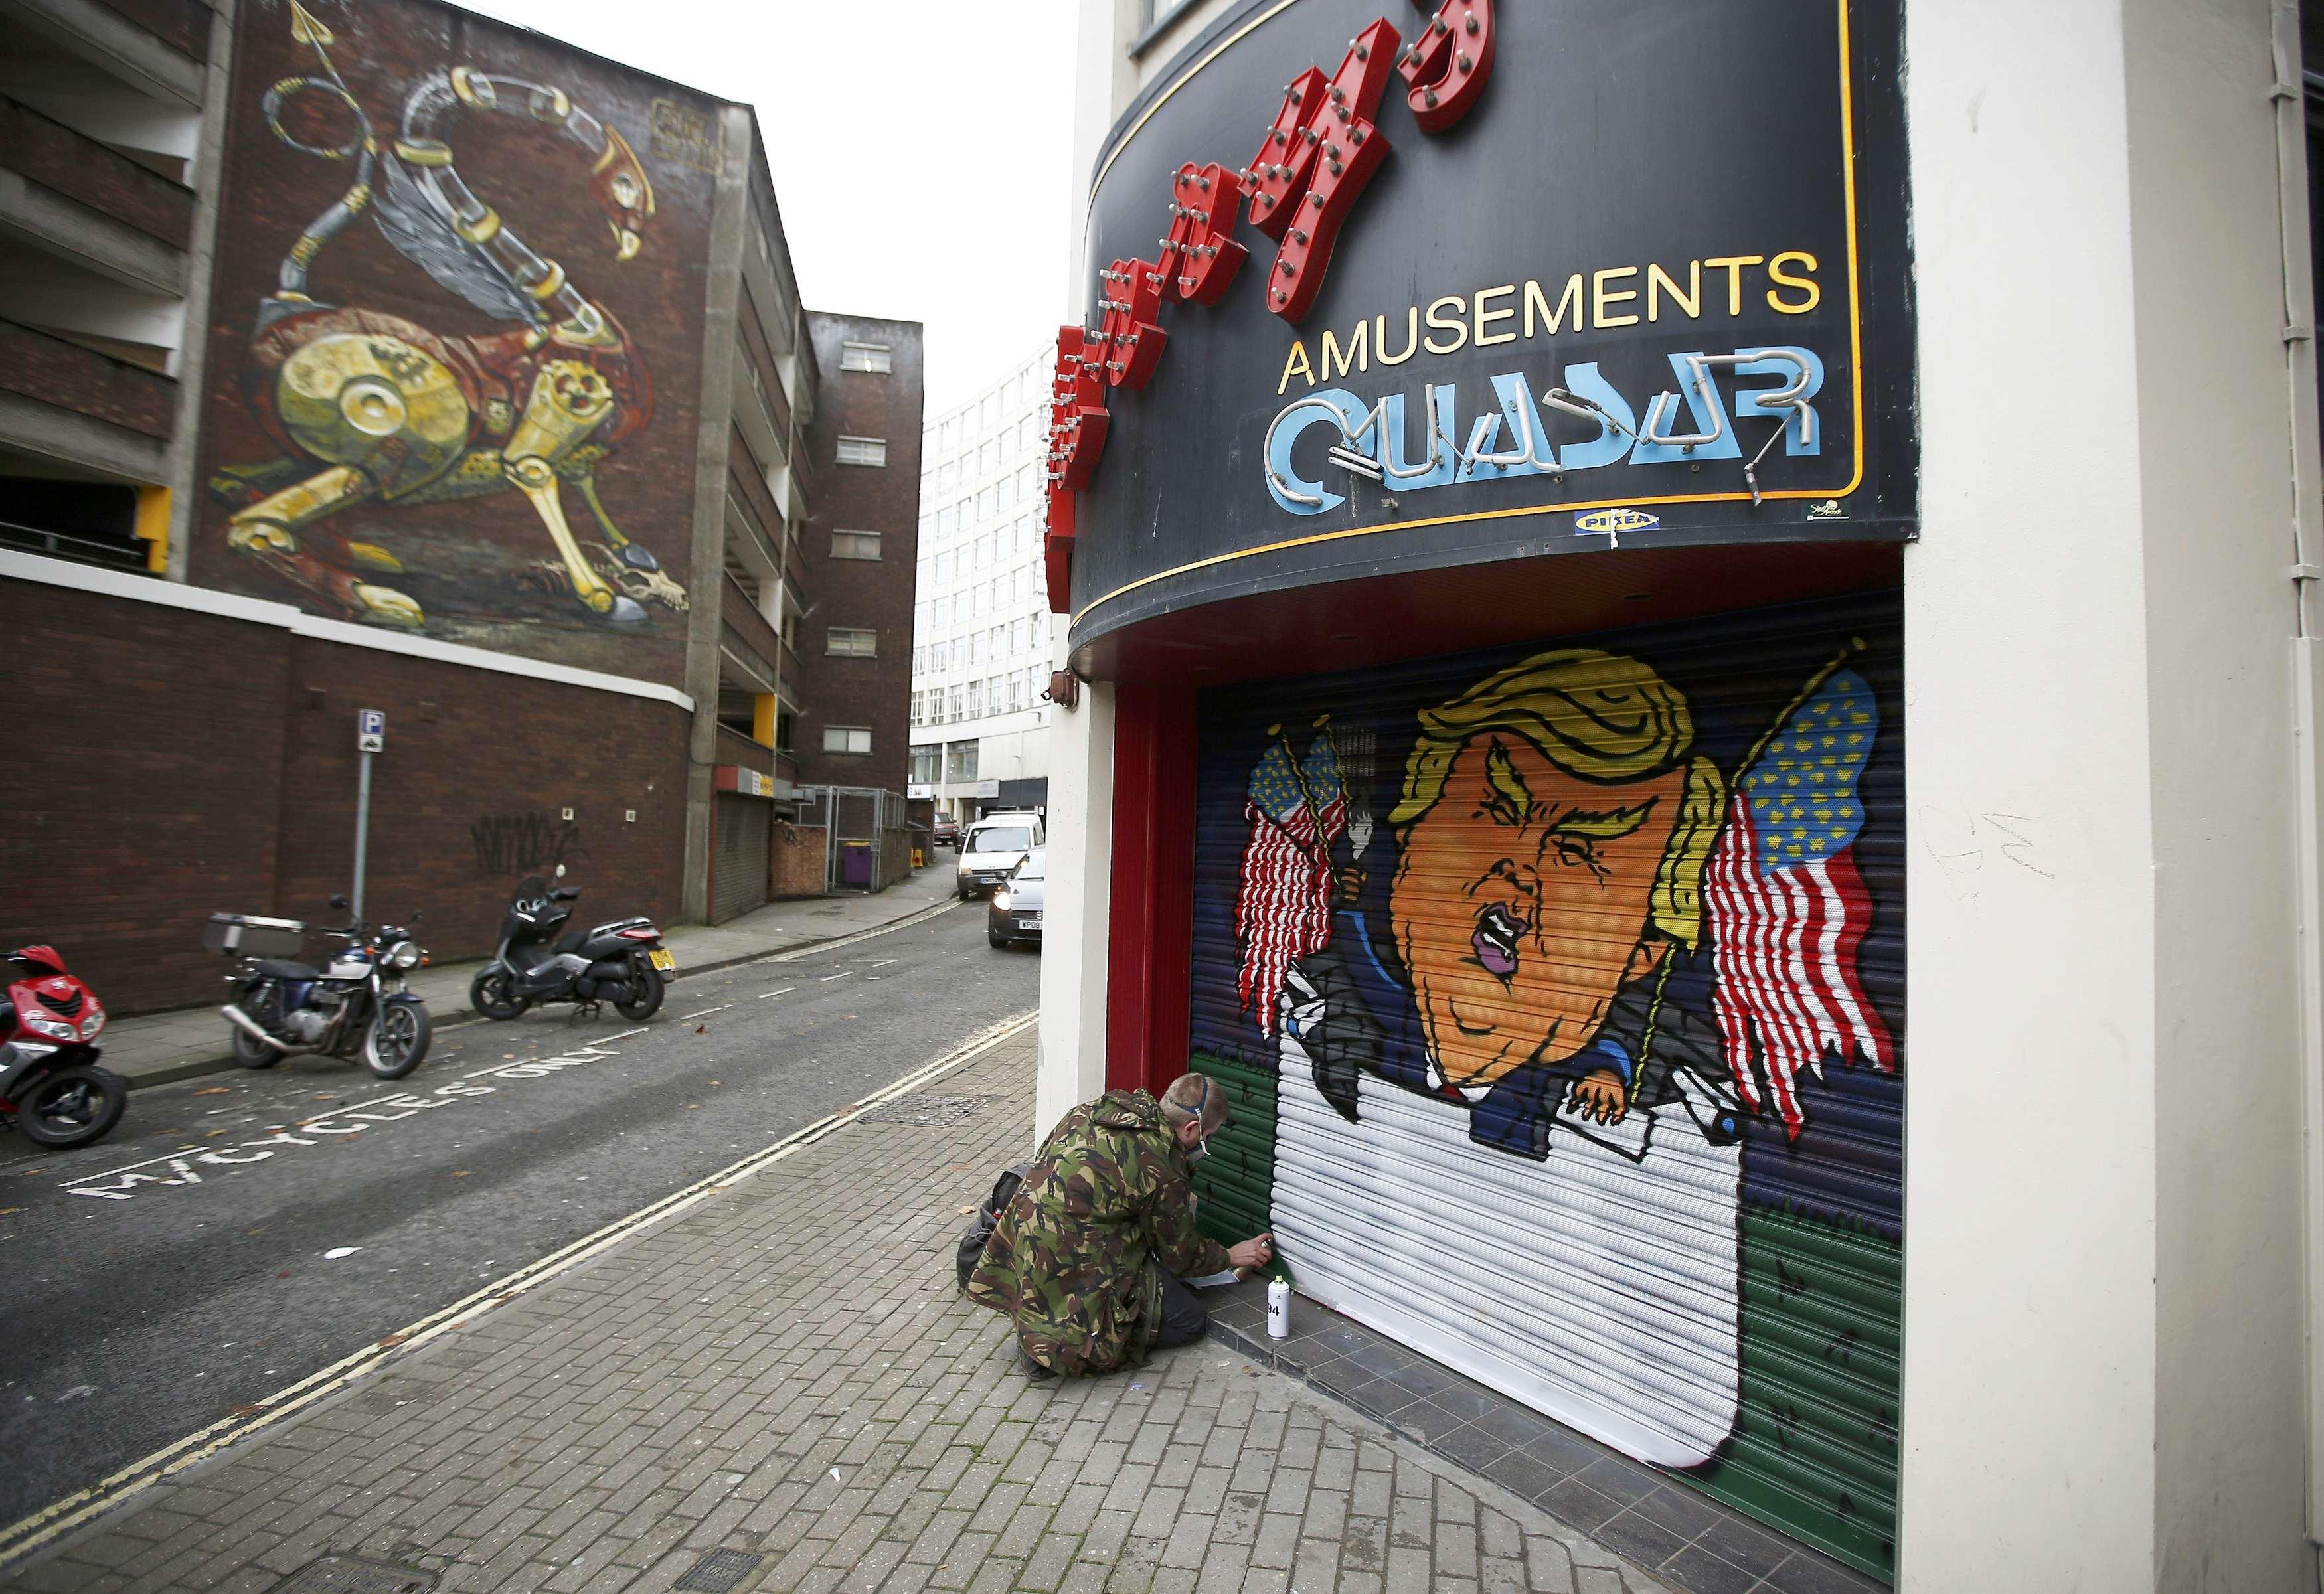 Карикатура на Дональда Трампа. Бристоль, Великобритания. 24 ноября 2016 года.